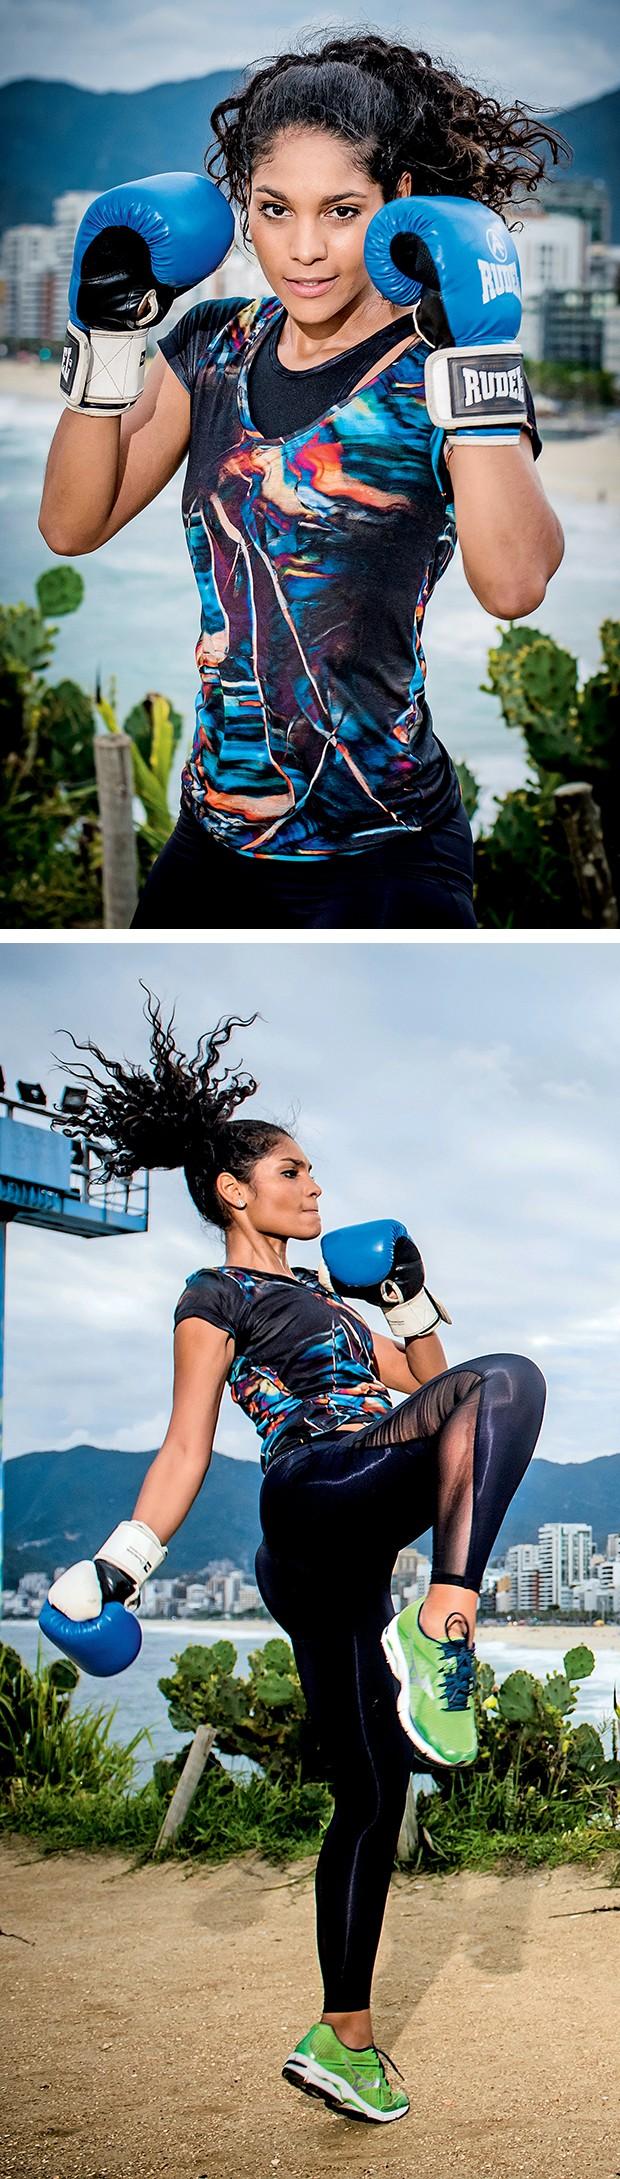 Barbara Reis, no Arpoador: golpes,  como a joelhada, fortalecem os  músculos do core (estabilizadores do  tronco), membros inferiores e glúteos  (Foto:  )